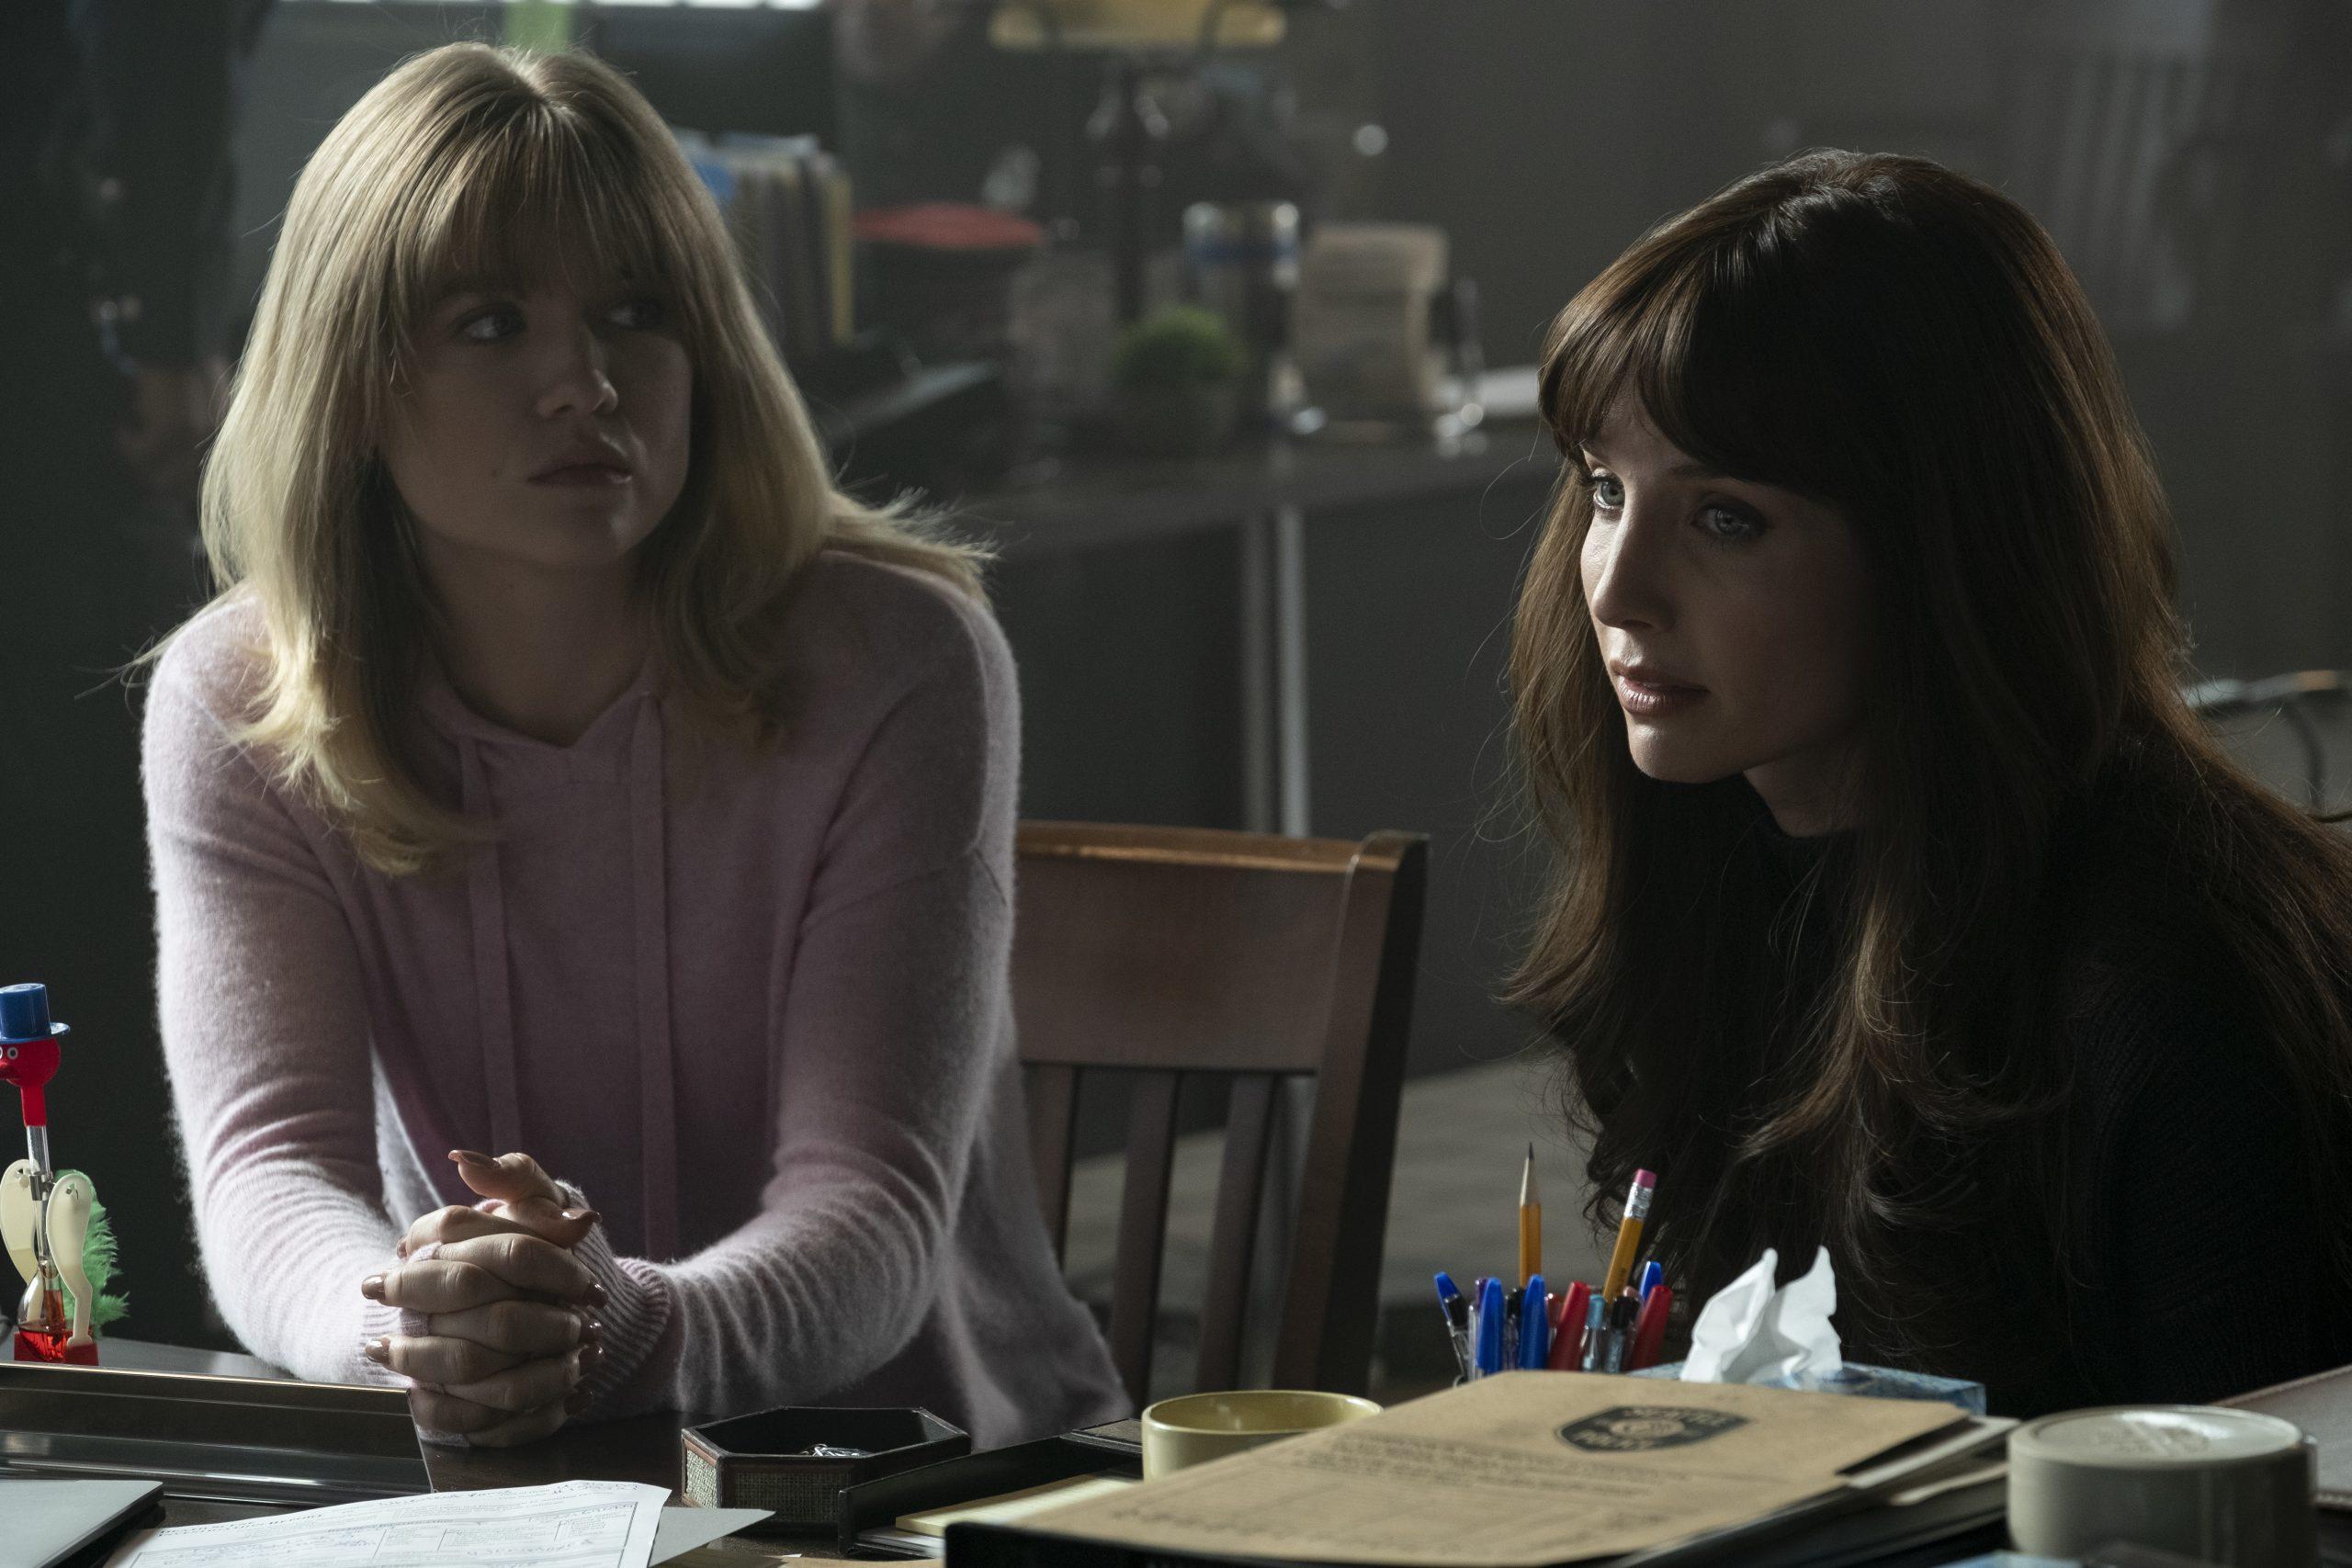 MADDIE HASSON als Sydney und ANNABELLE WALLIS als Madison im Horror Thriller MALIGNANT